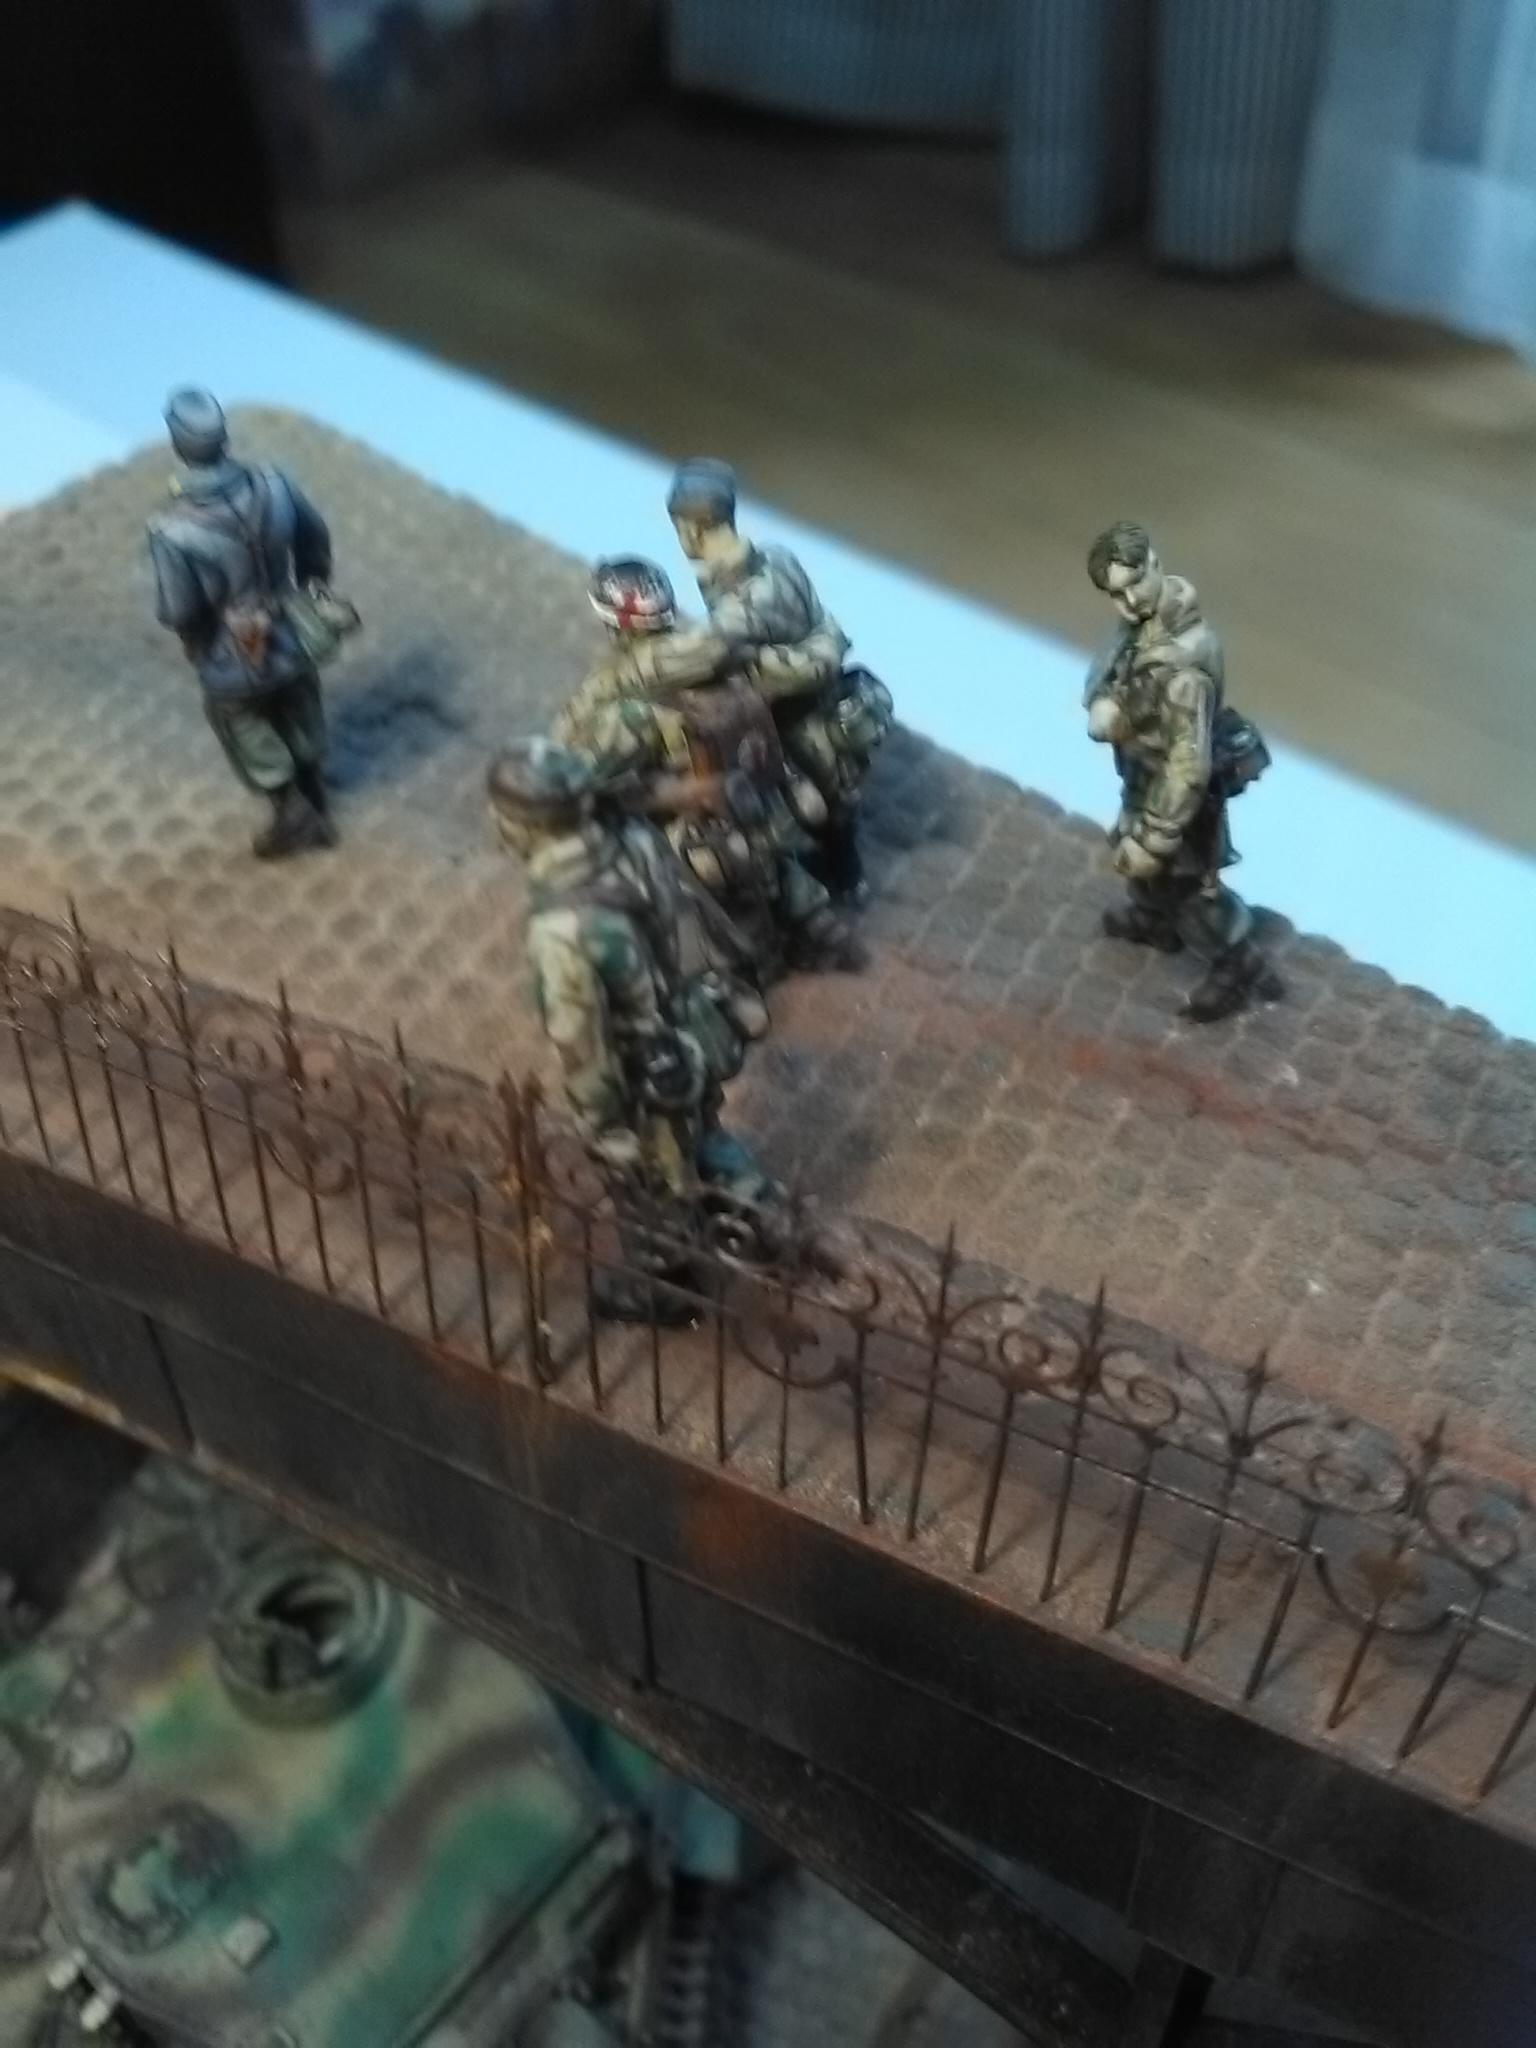 Le Survivant 1/72 - (Tigre 1 Allemagne 1945) - Page 3 IMG_20180610_184224